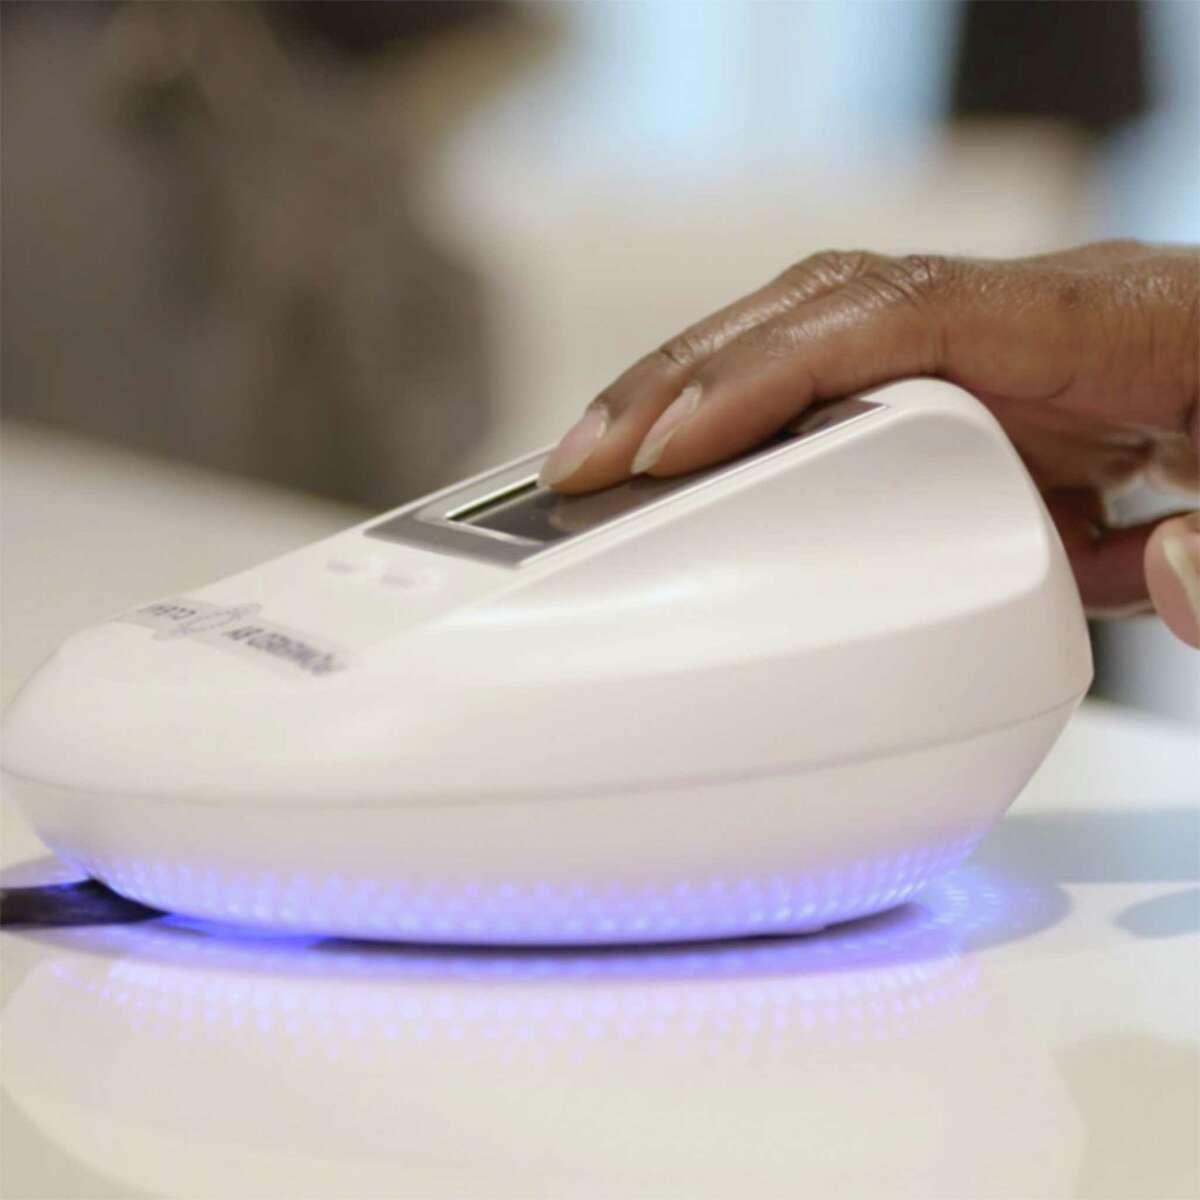 Delta fingerprint scanner.